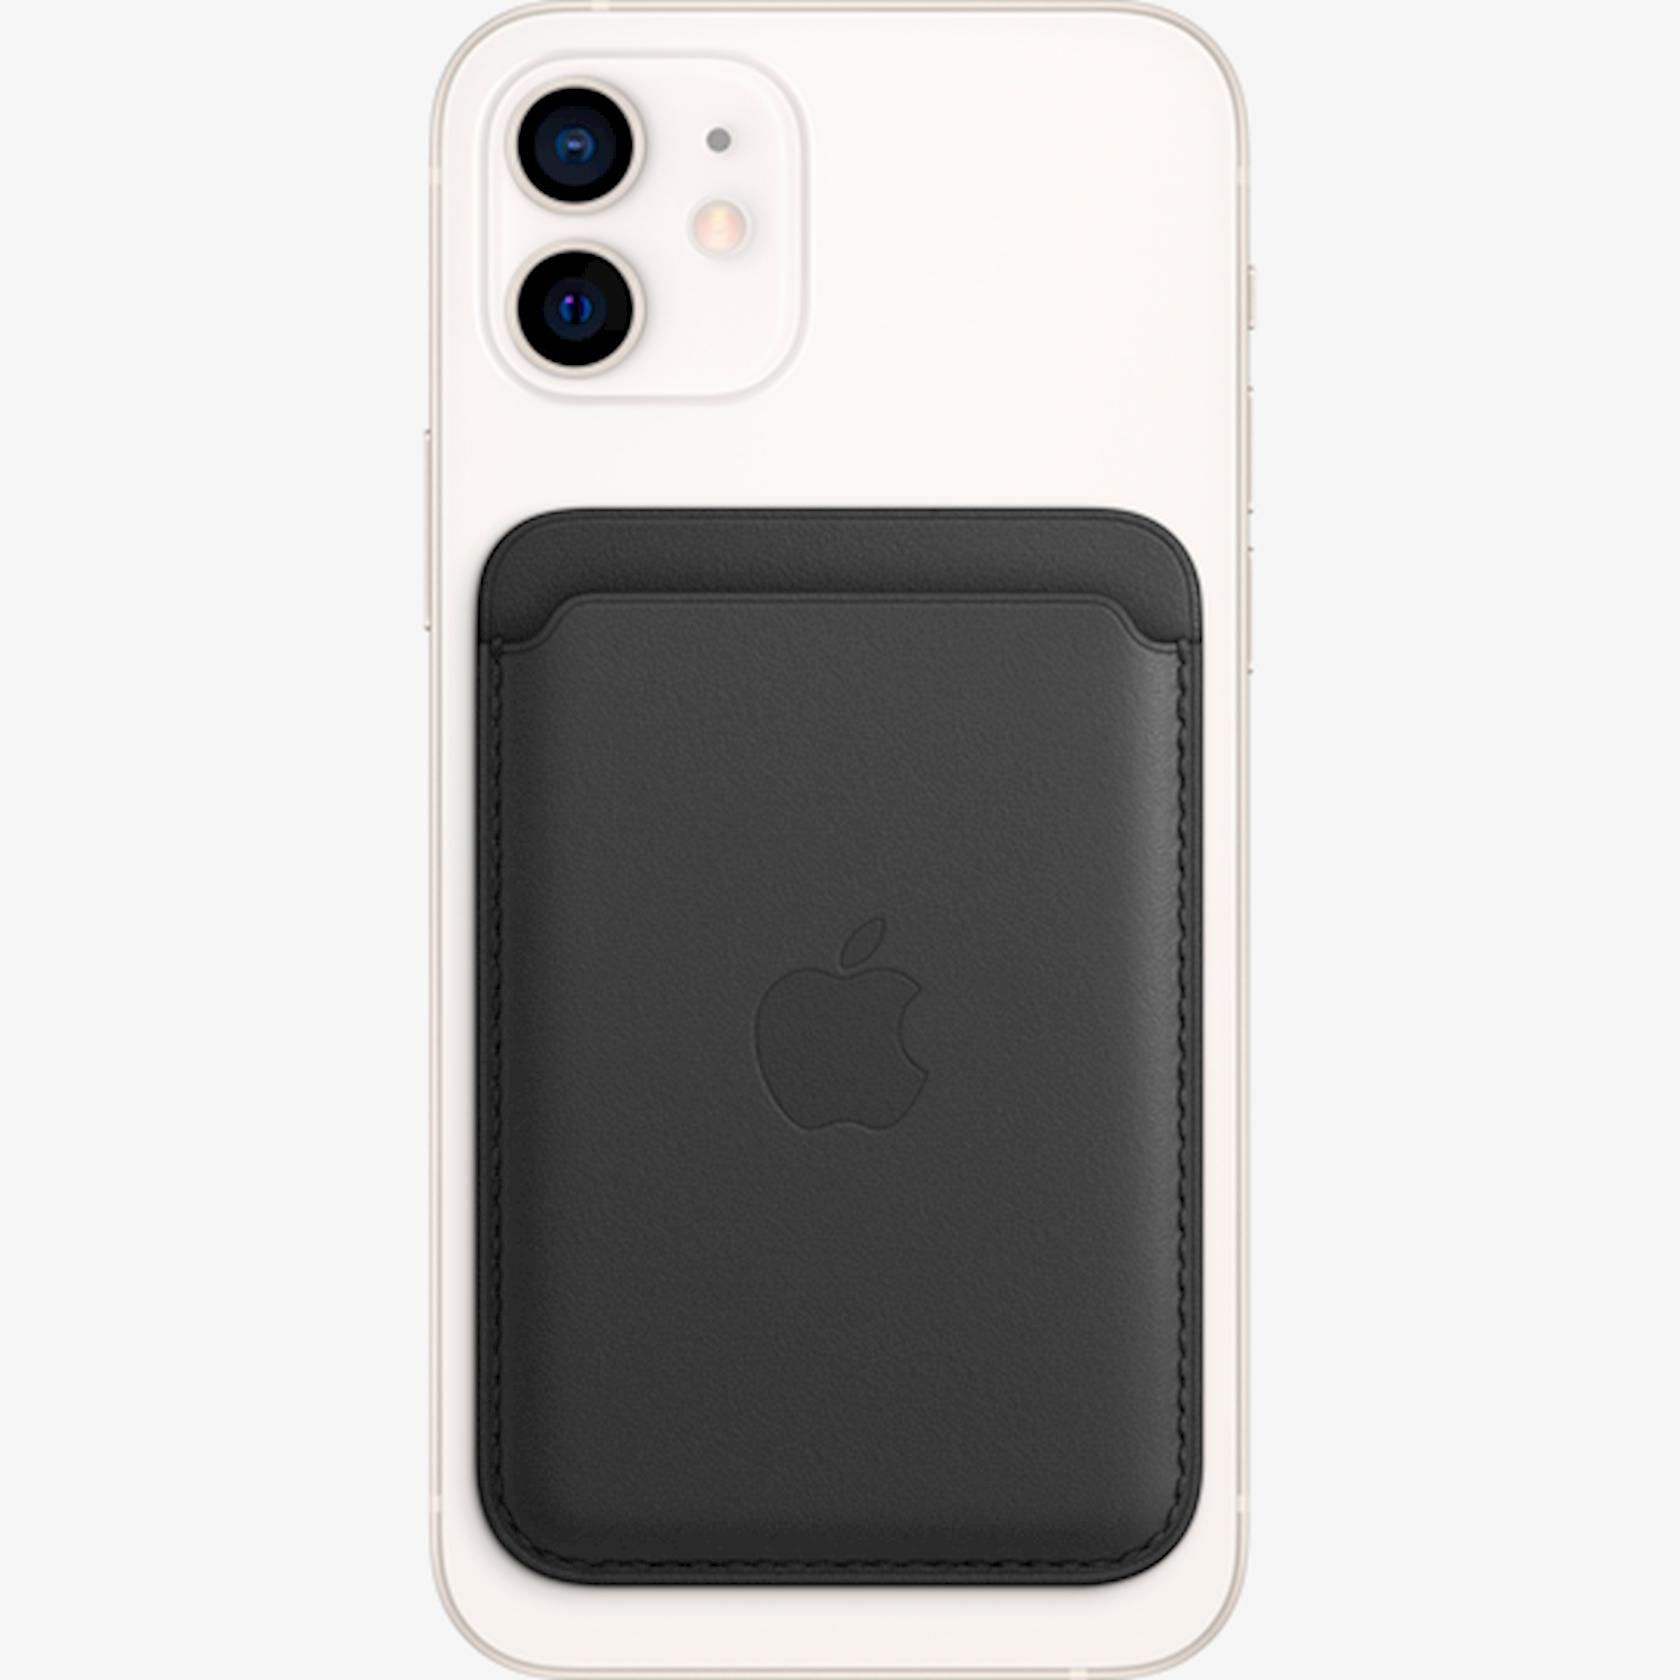 Dəri cib MagSafe Apple iPhone  12 Series üçün Black